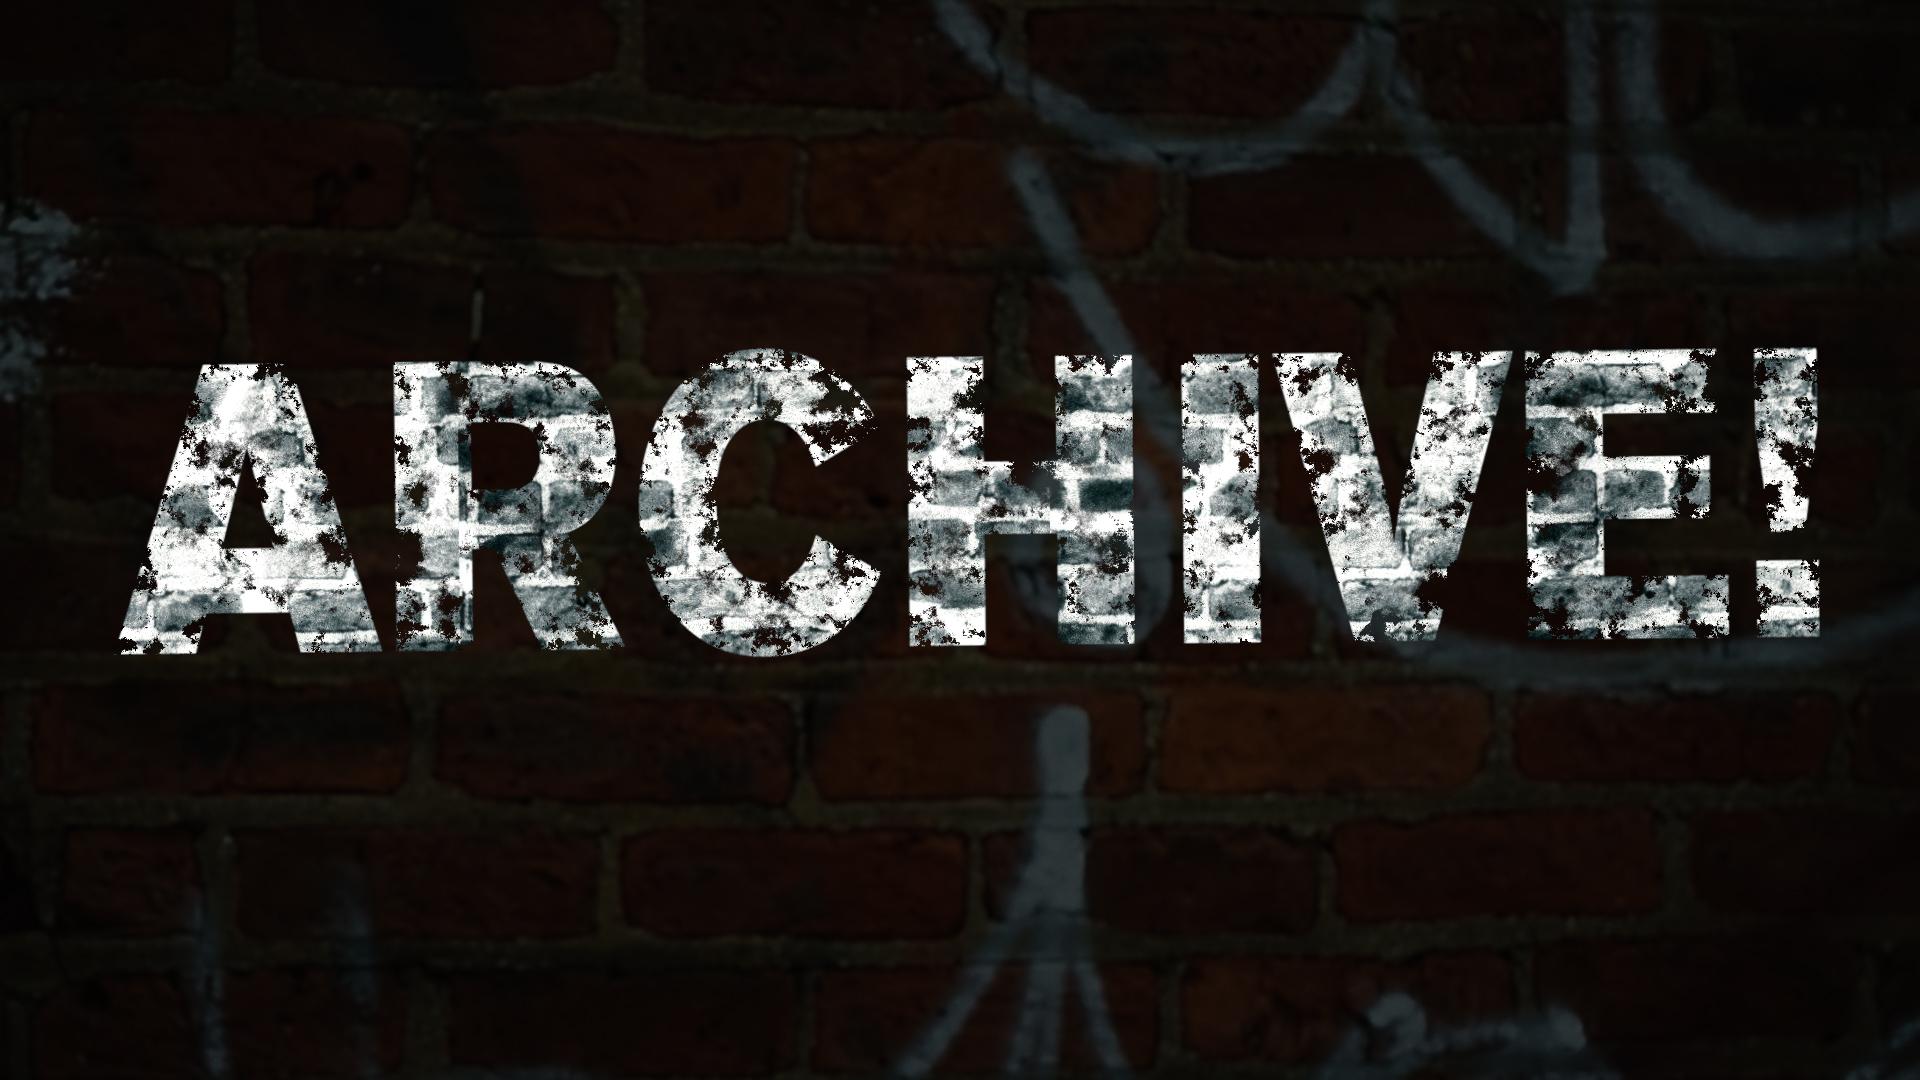 archive-eng-facebook-final-2016_10_27-00_00_02_04-still020